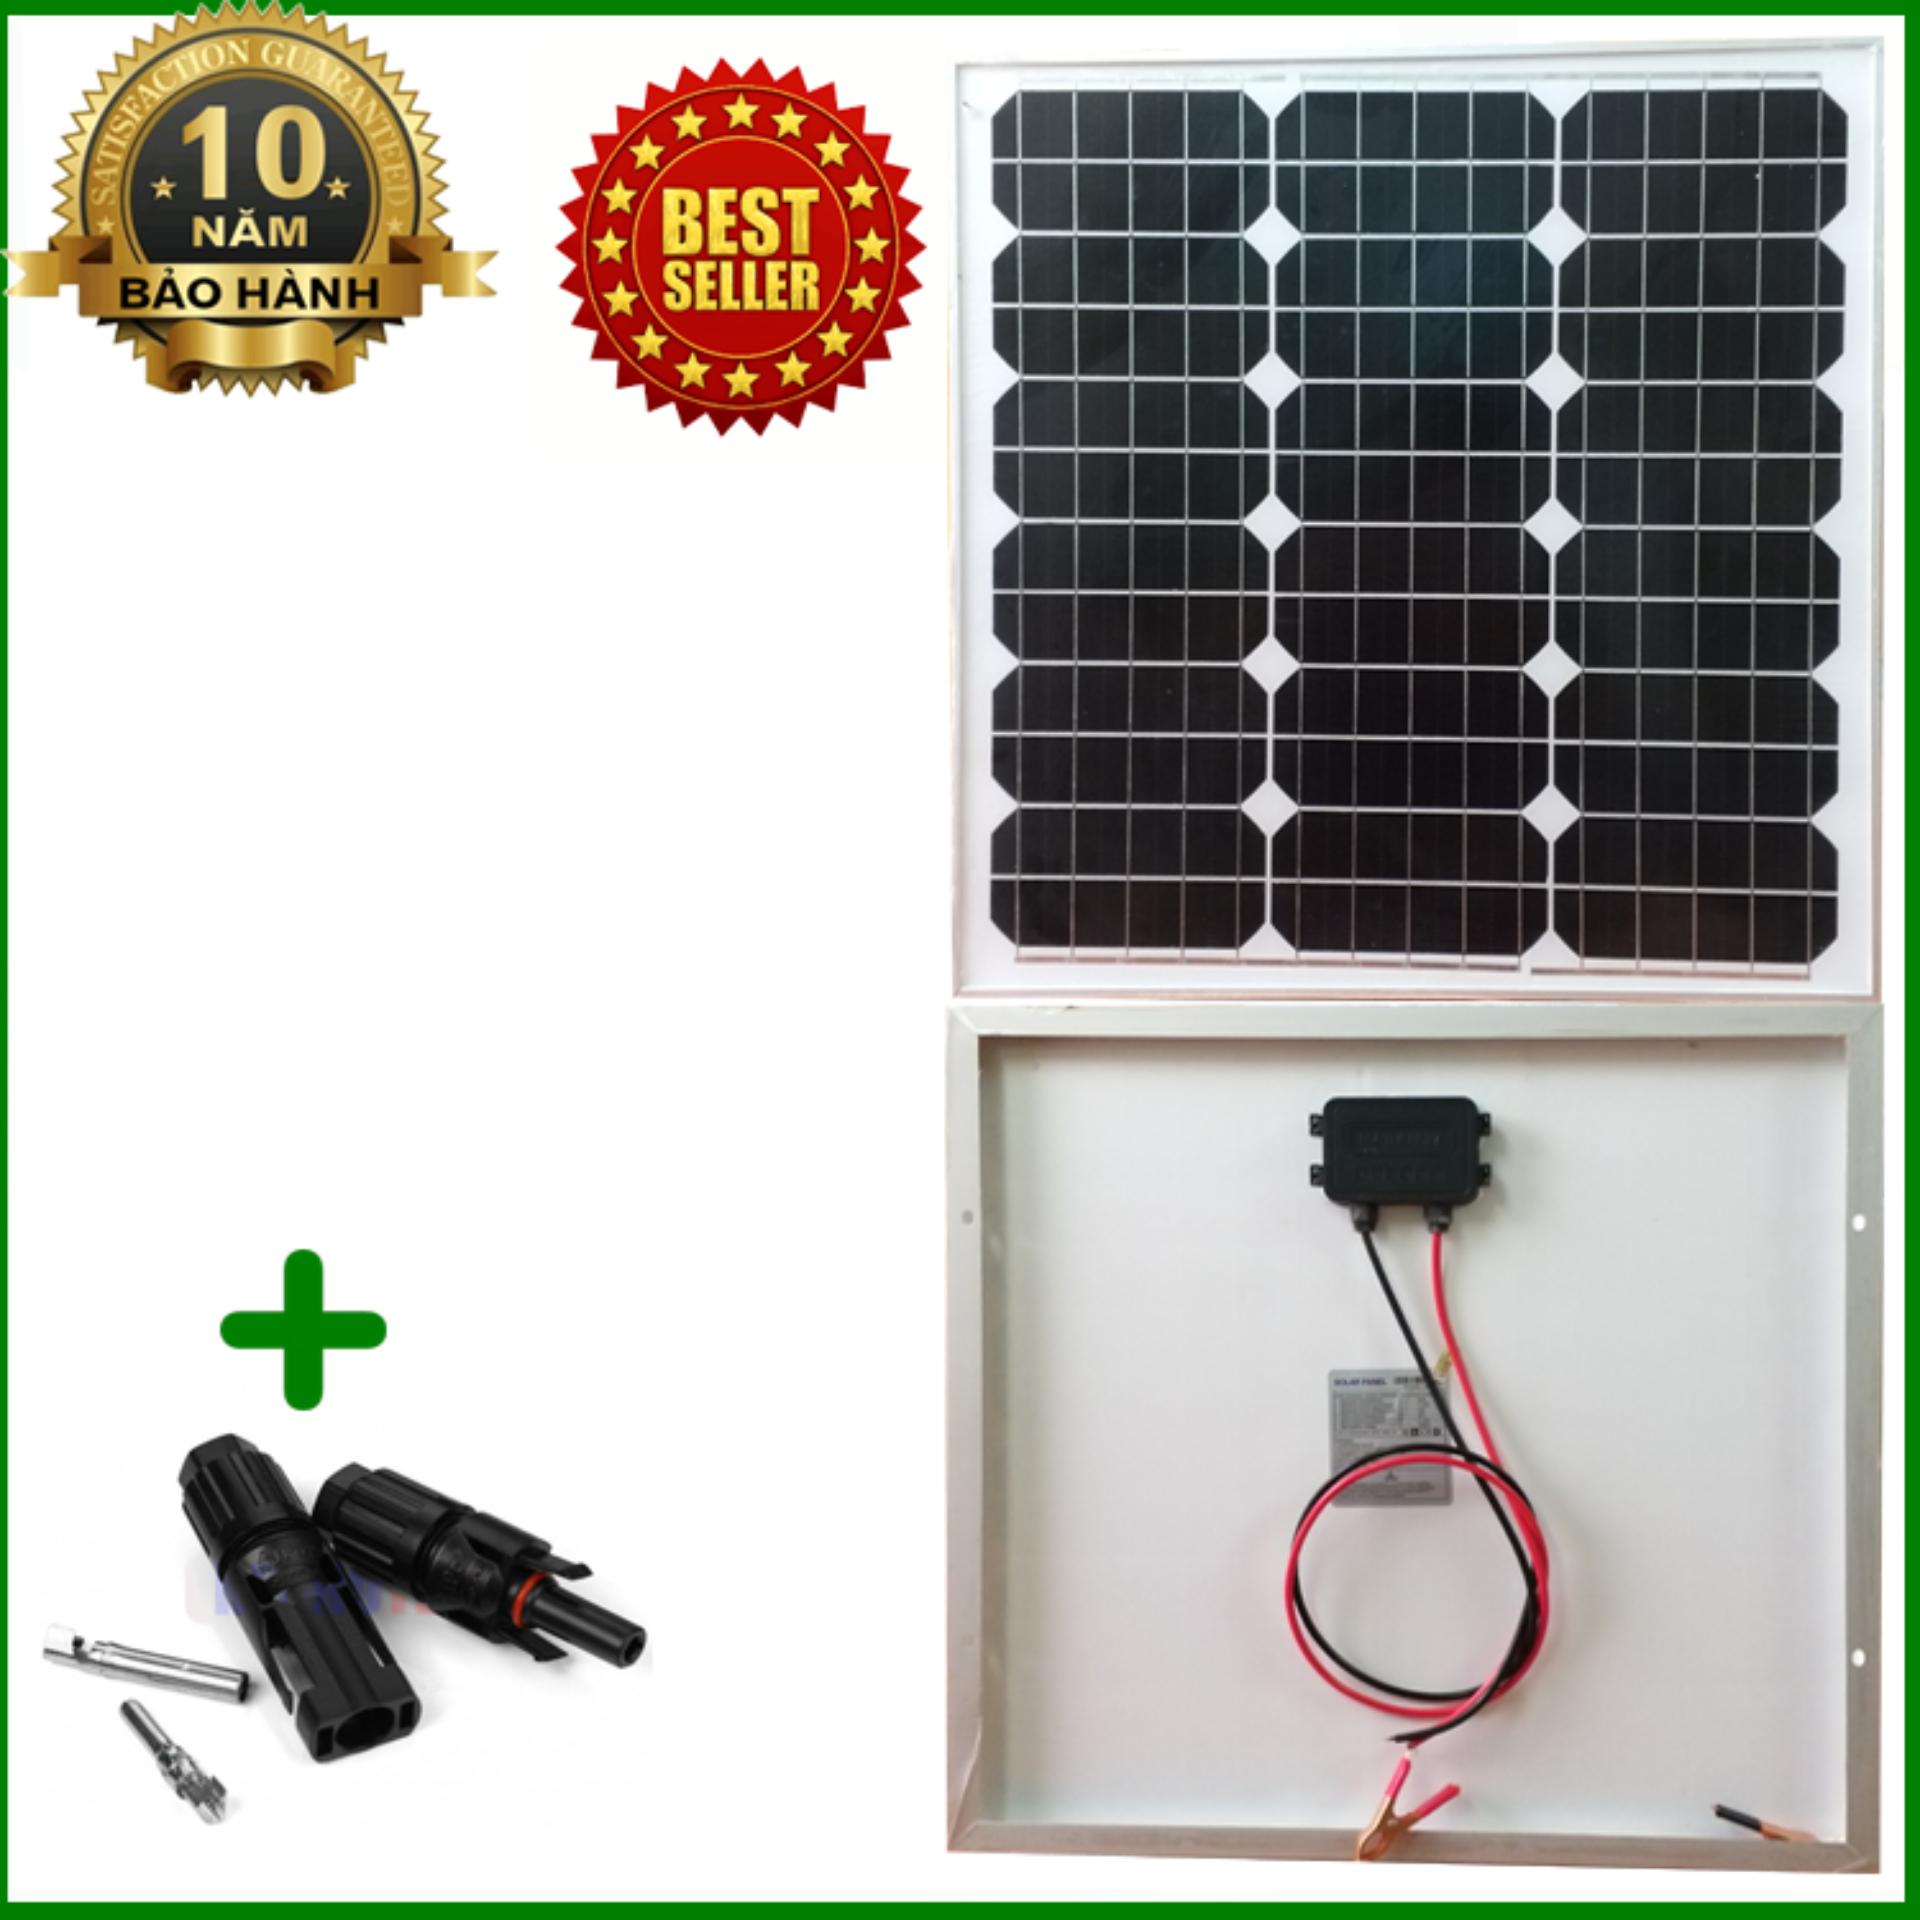 Tấm Pin năng lượng mặt trời đơn tinh thể Mono 30W tặng kèm jack MC4